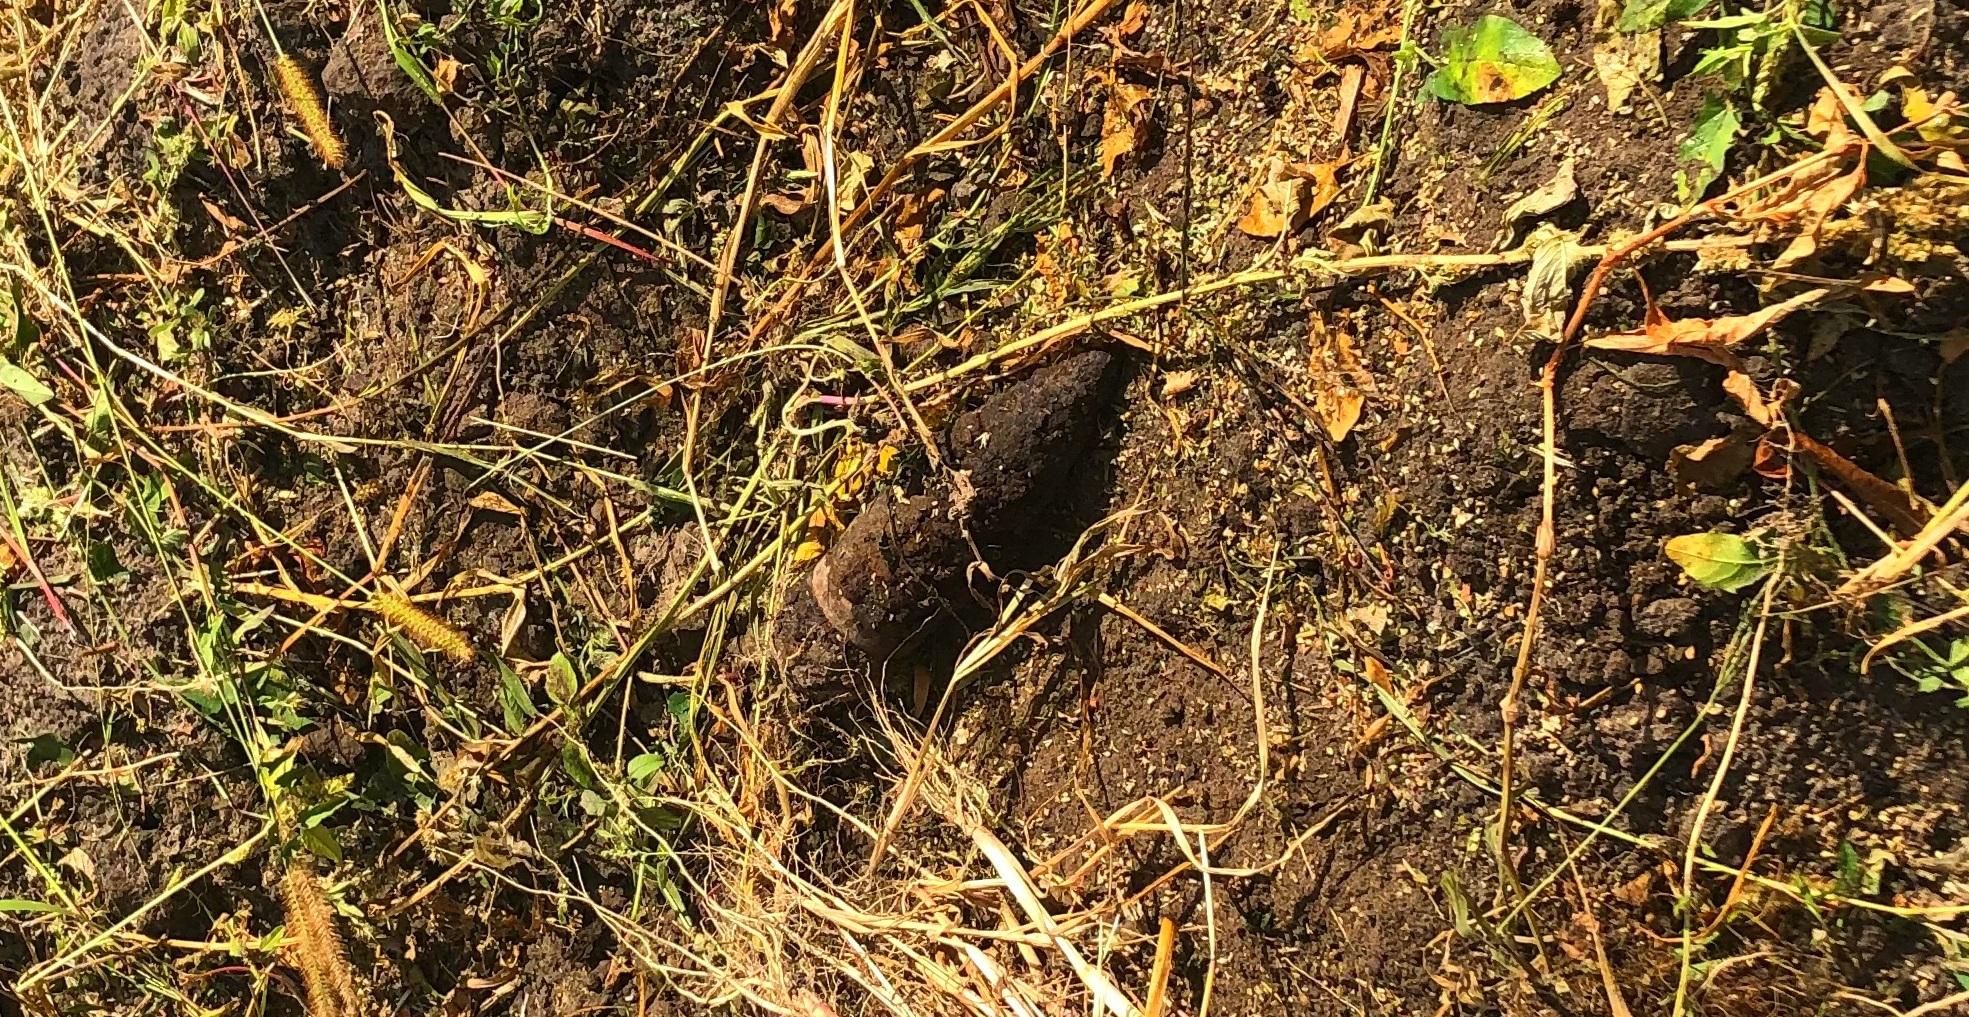 На Київщині під час проведення земельних робіт знайшли артилерійський снаряд -  - 01 3